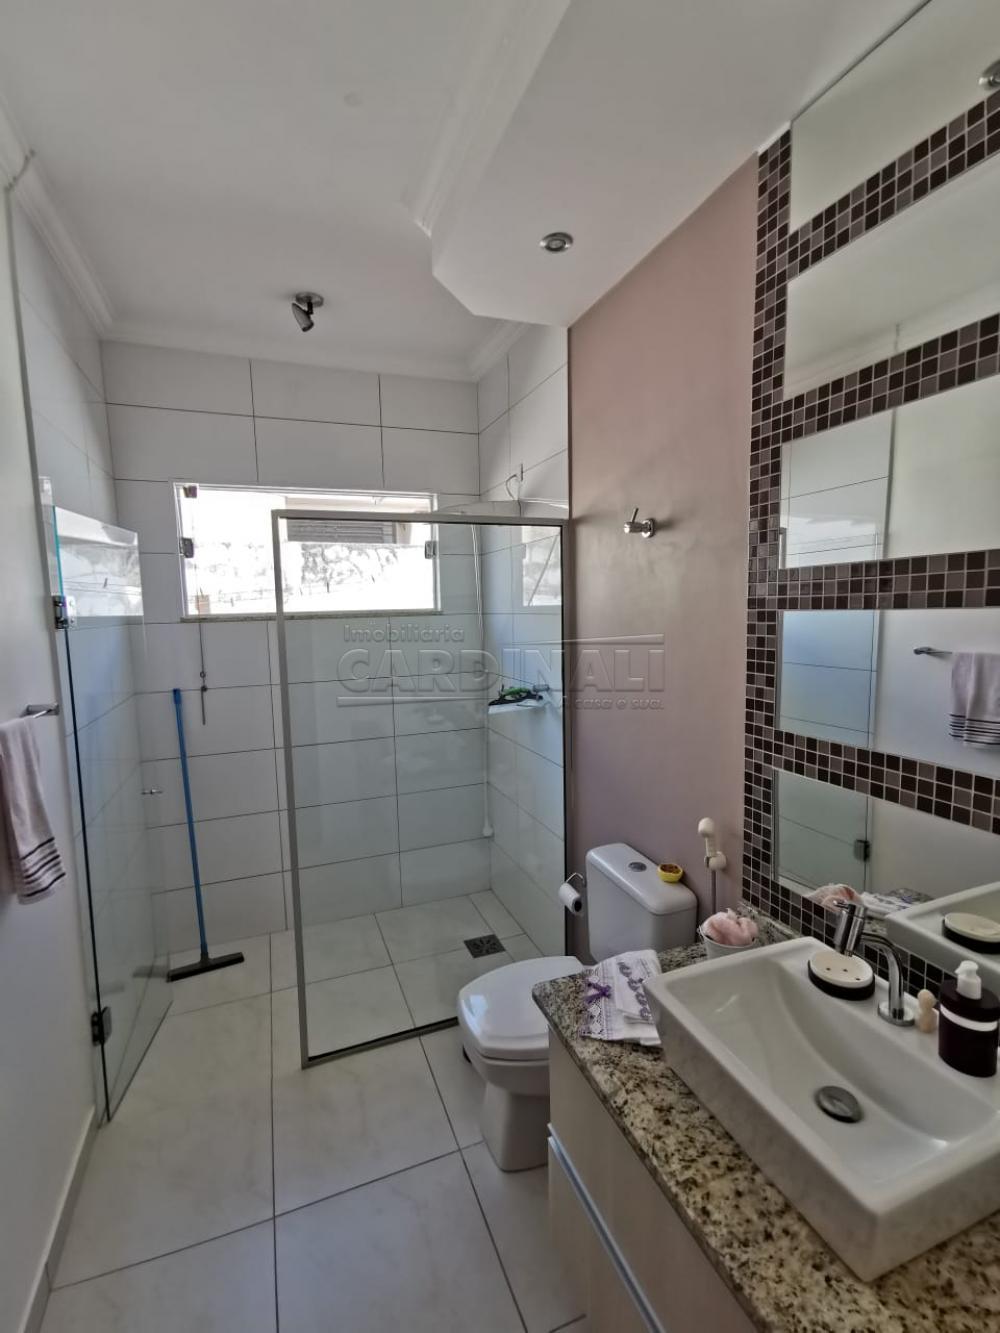 Comprar Casa / Padrão em Araraquara R$ 680.000,00 - Foto 8